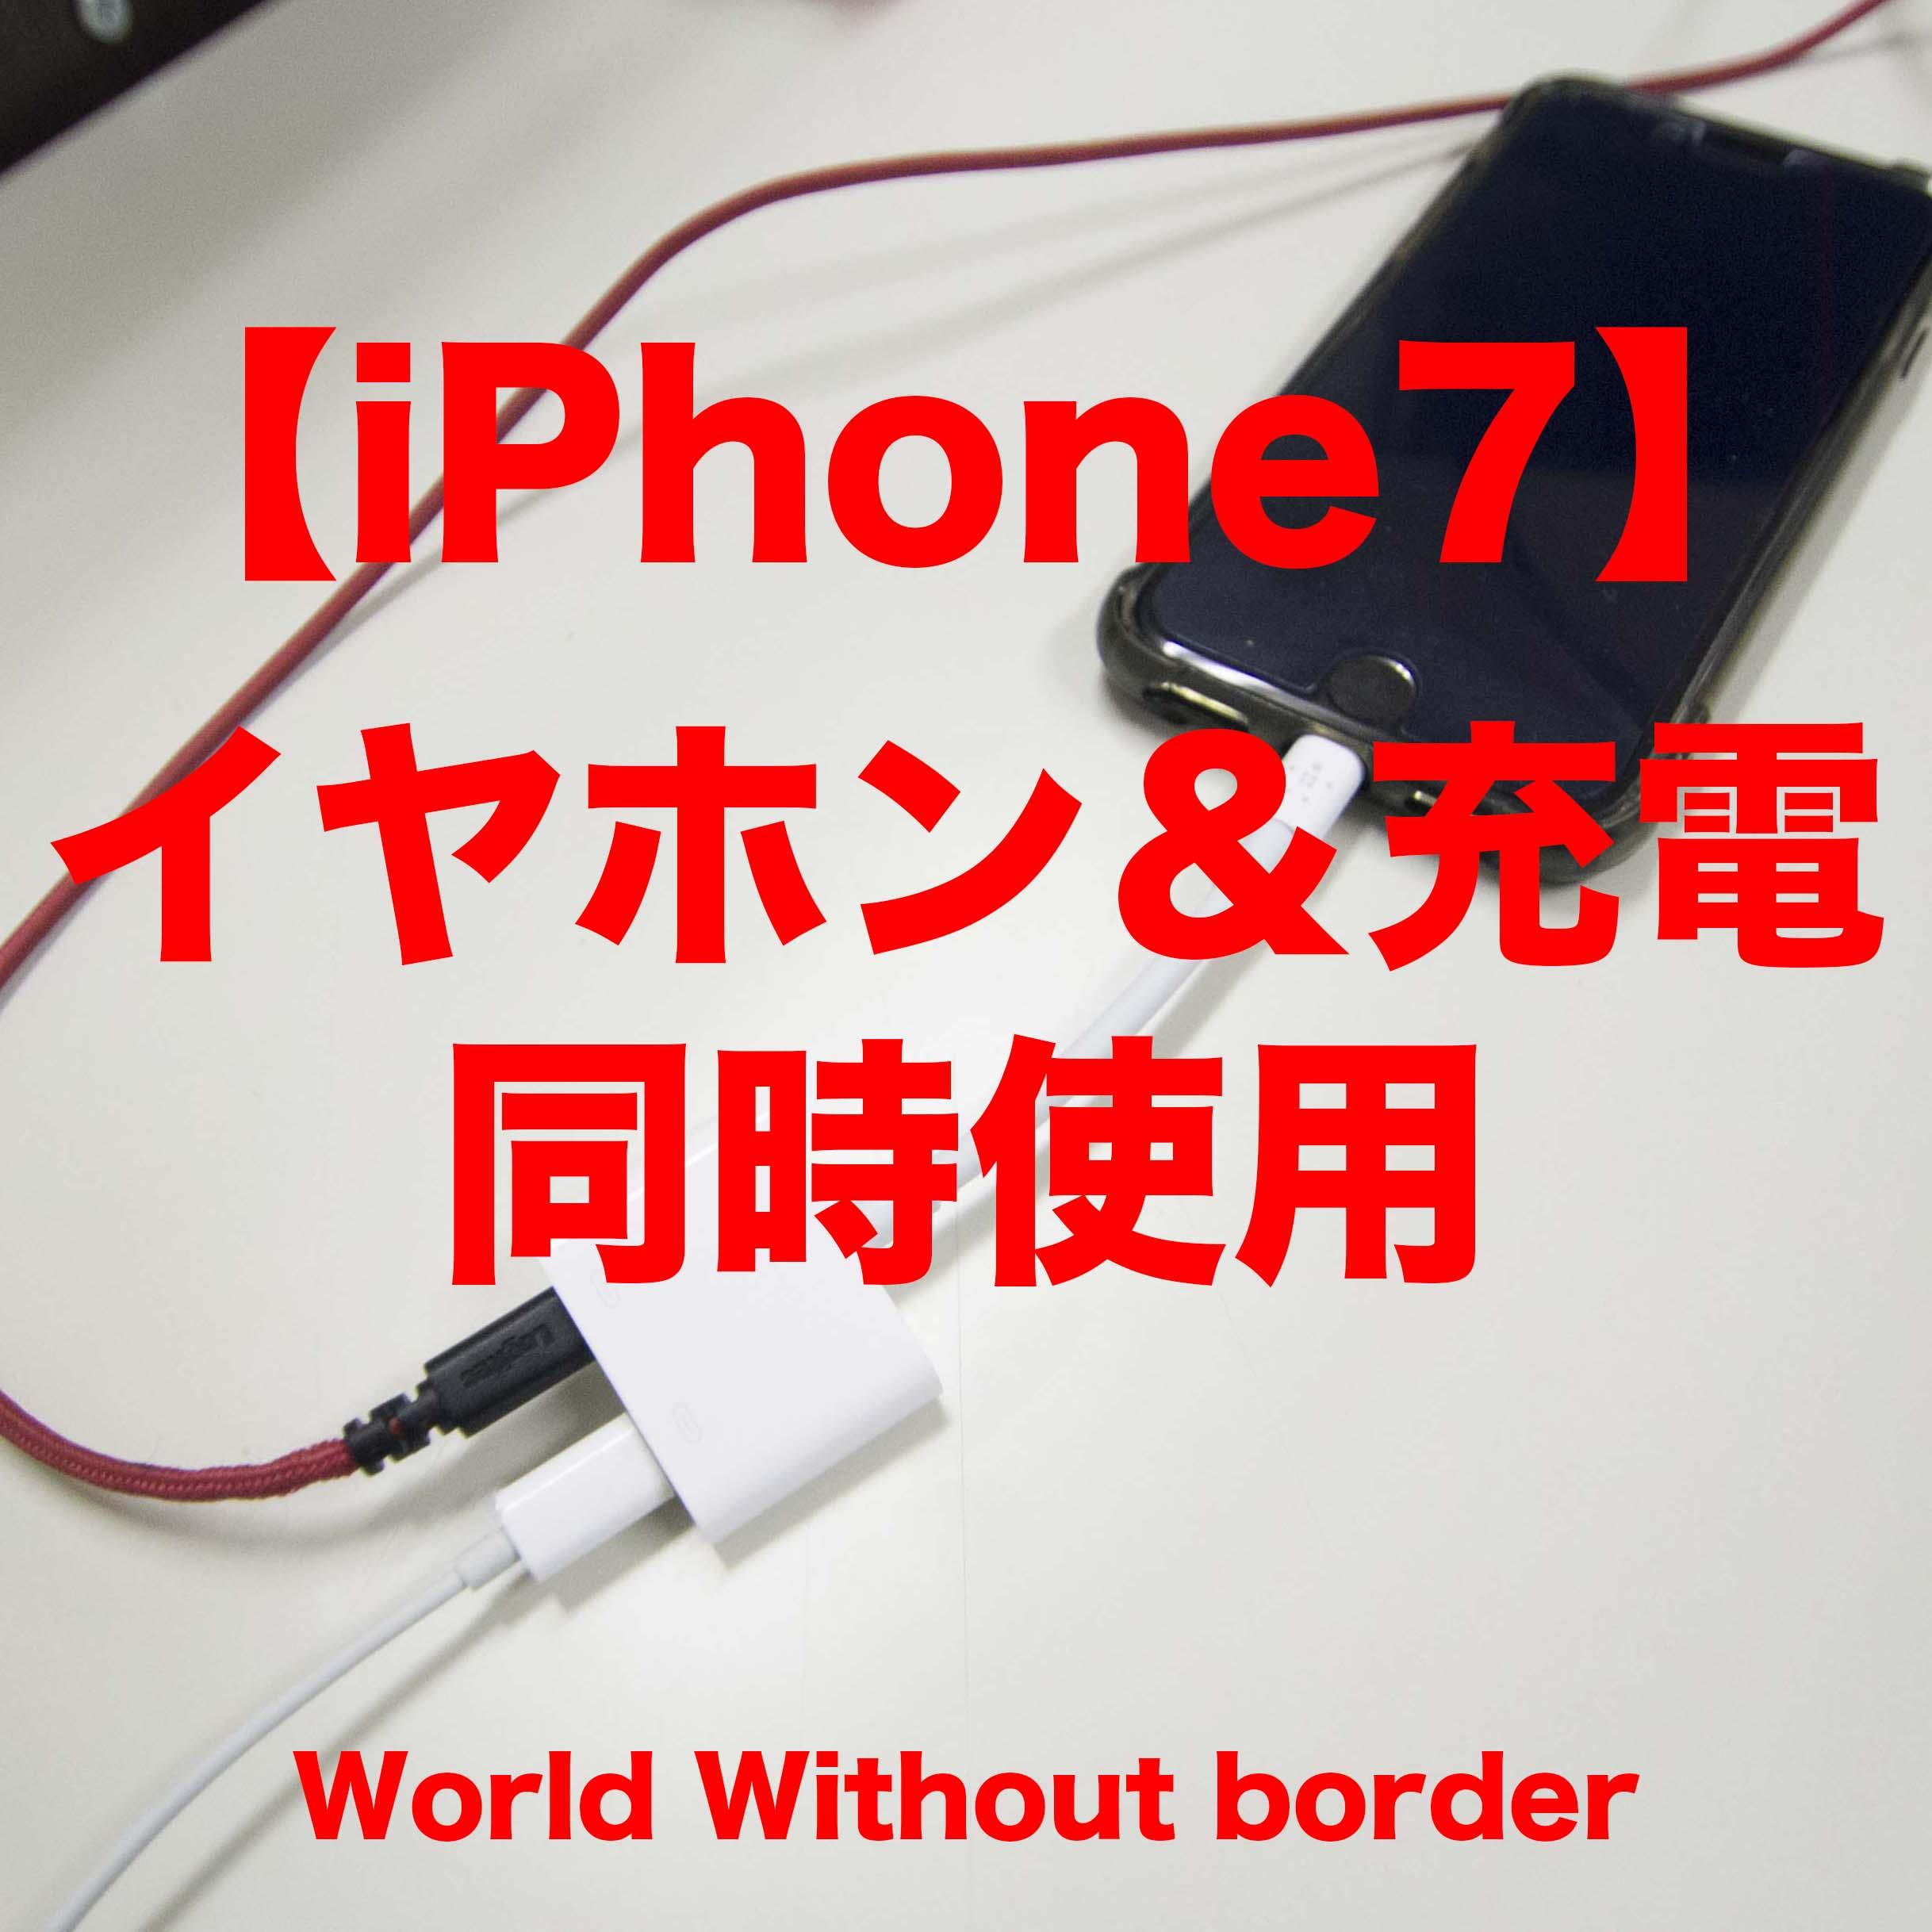 【iPhone7】1つしかないLightningを2つに増やしイヤホンと充電を同時に使う方法